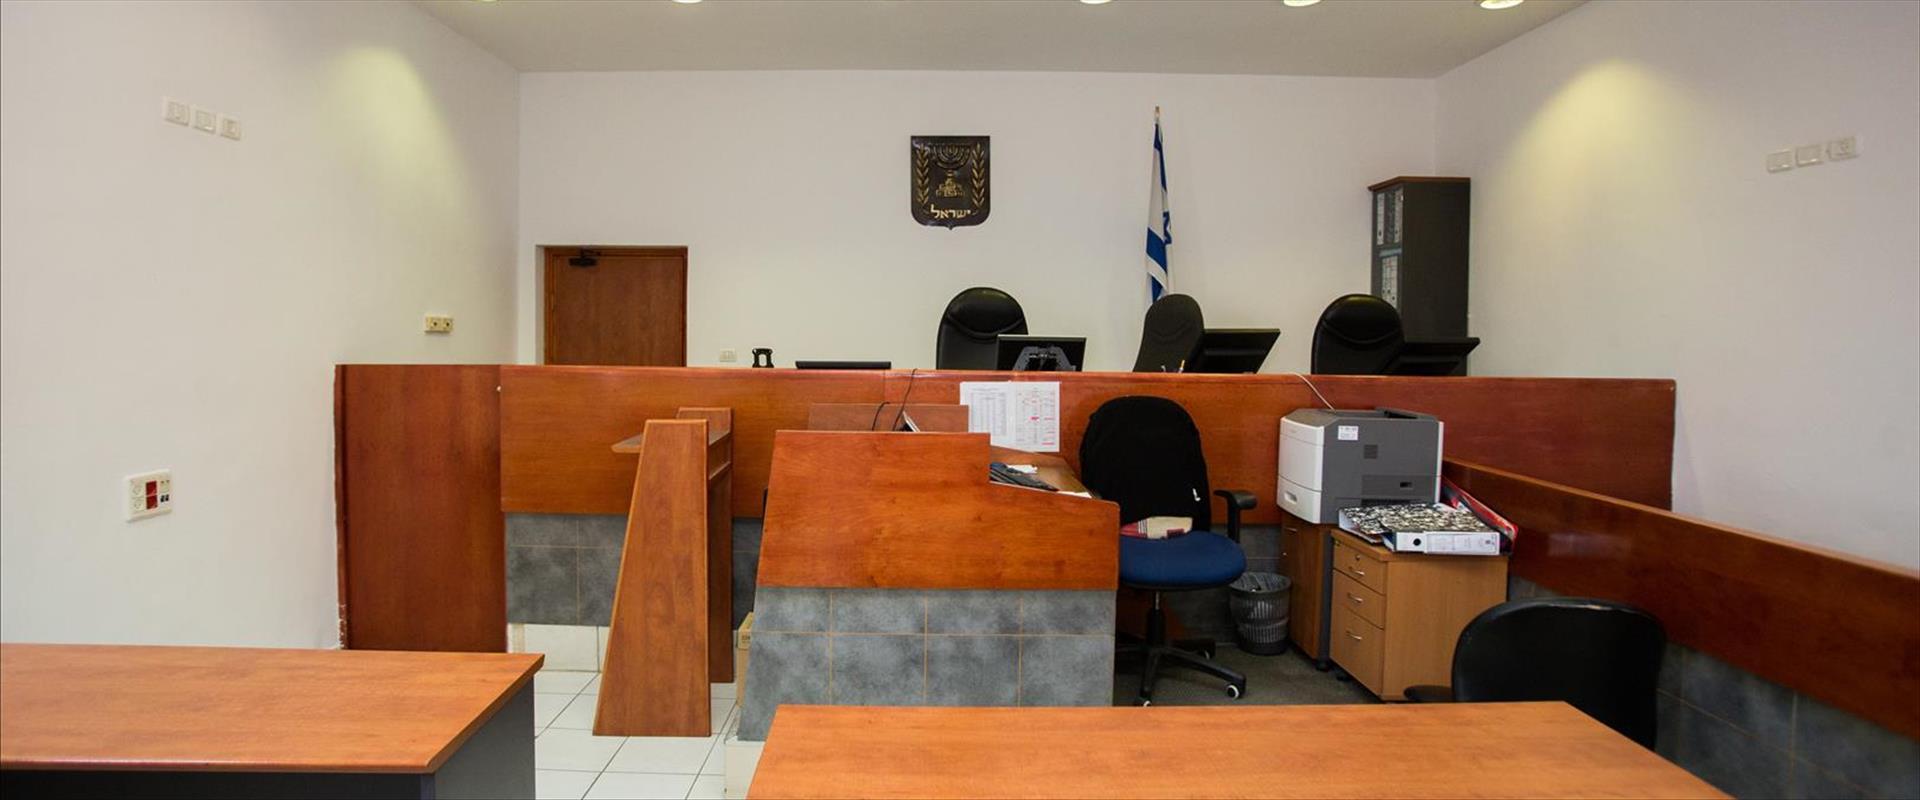 - בית משפט ריק